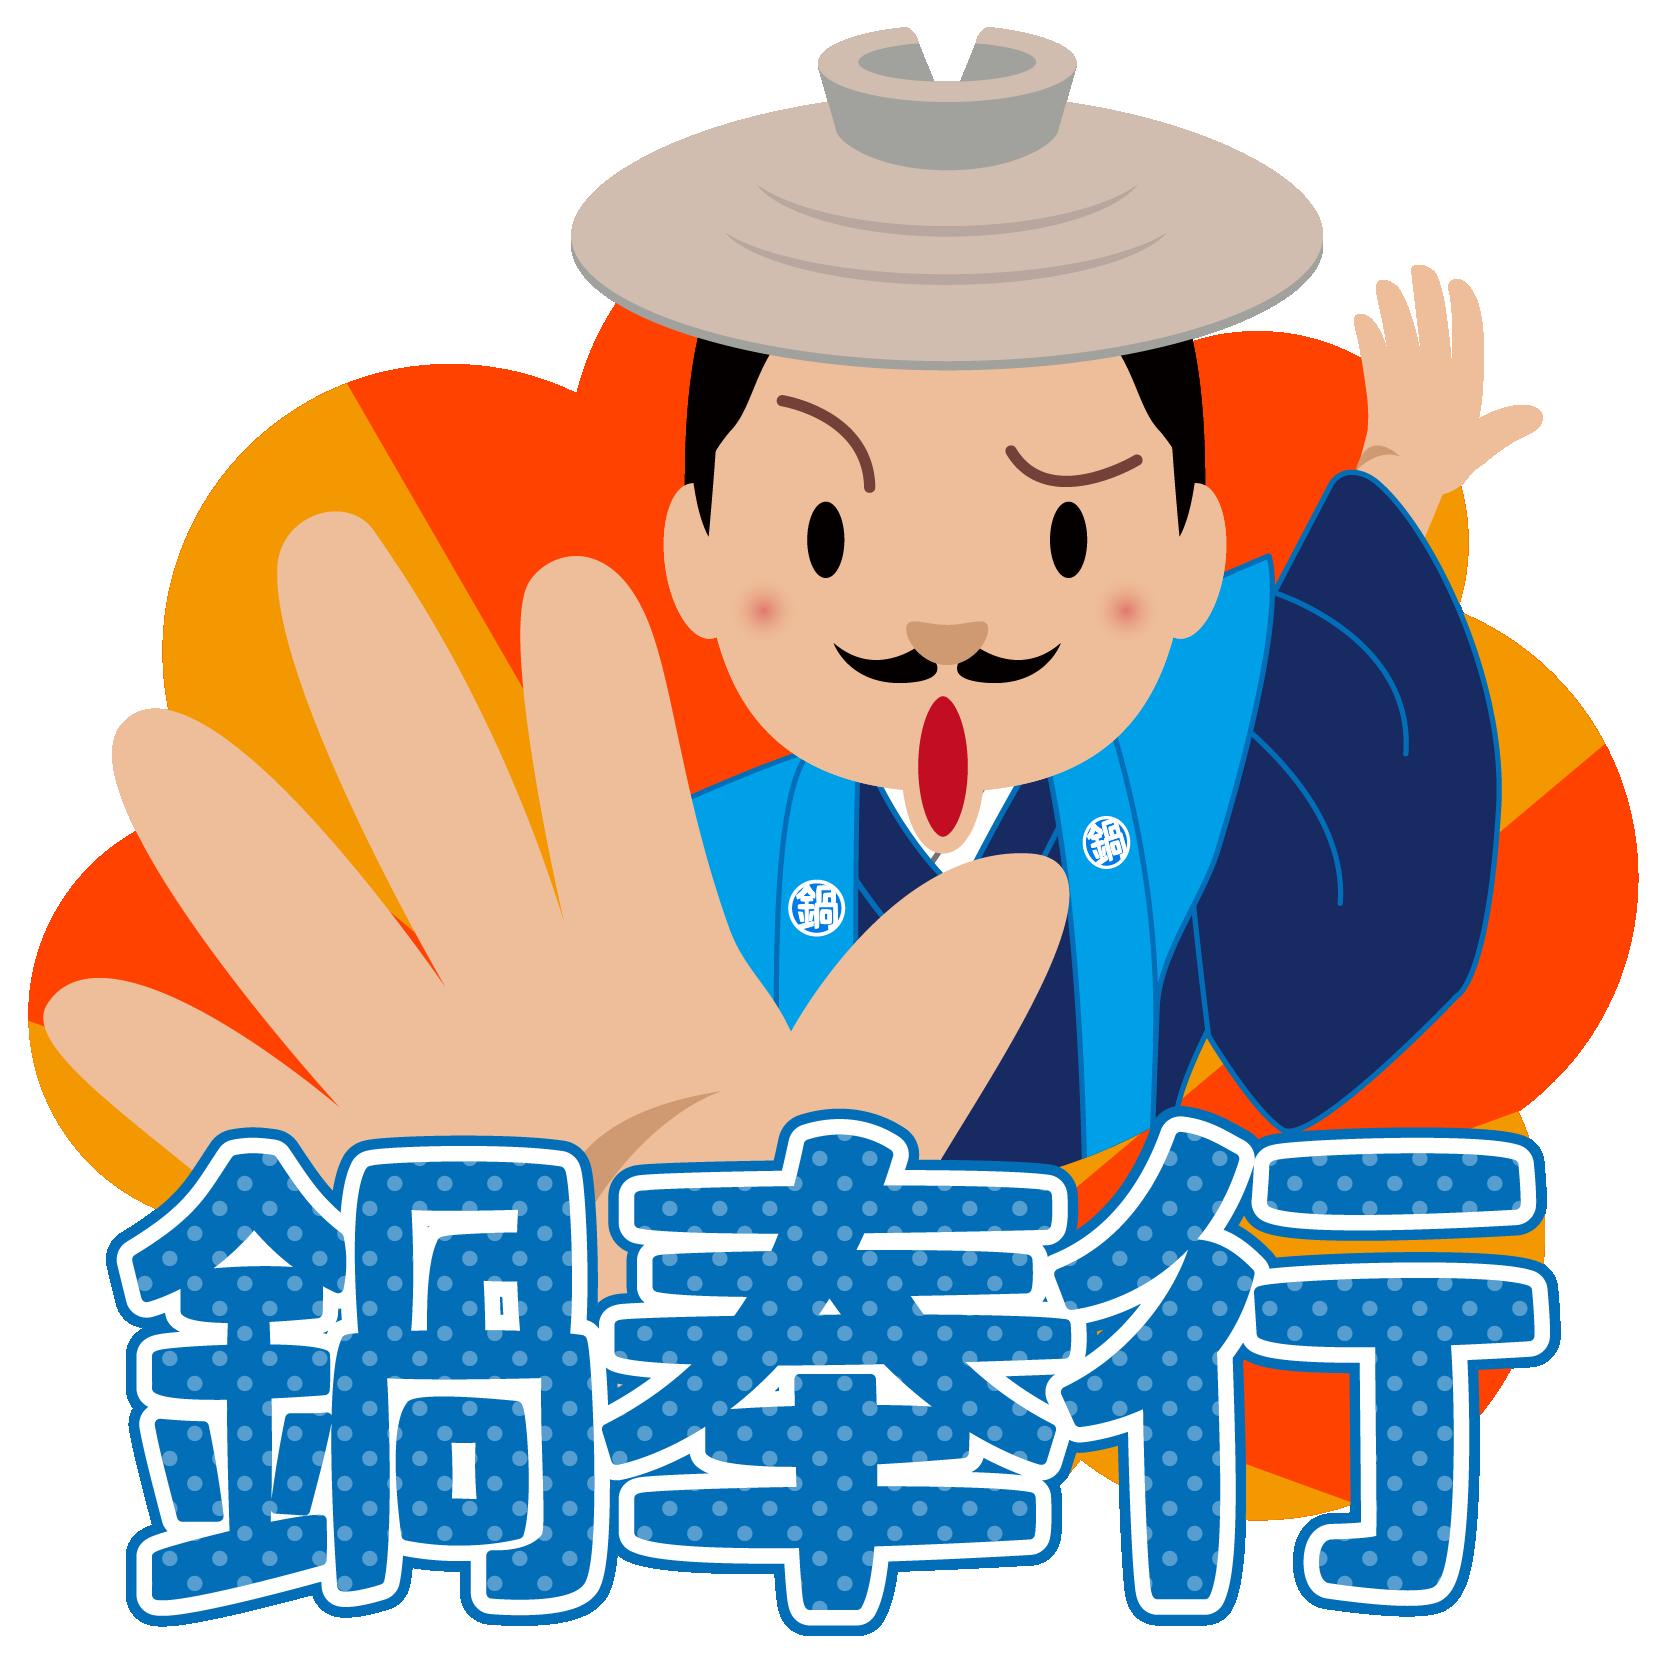 商用フリー・無料イラスト_鍋奉行_10